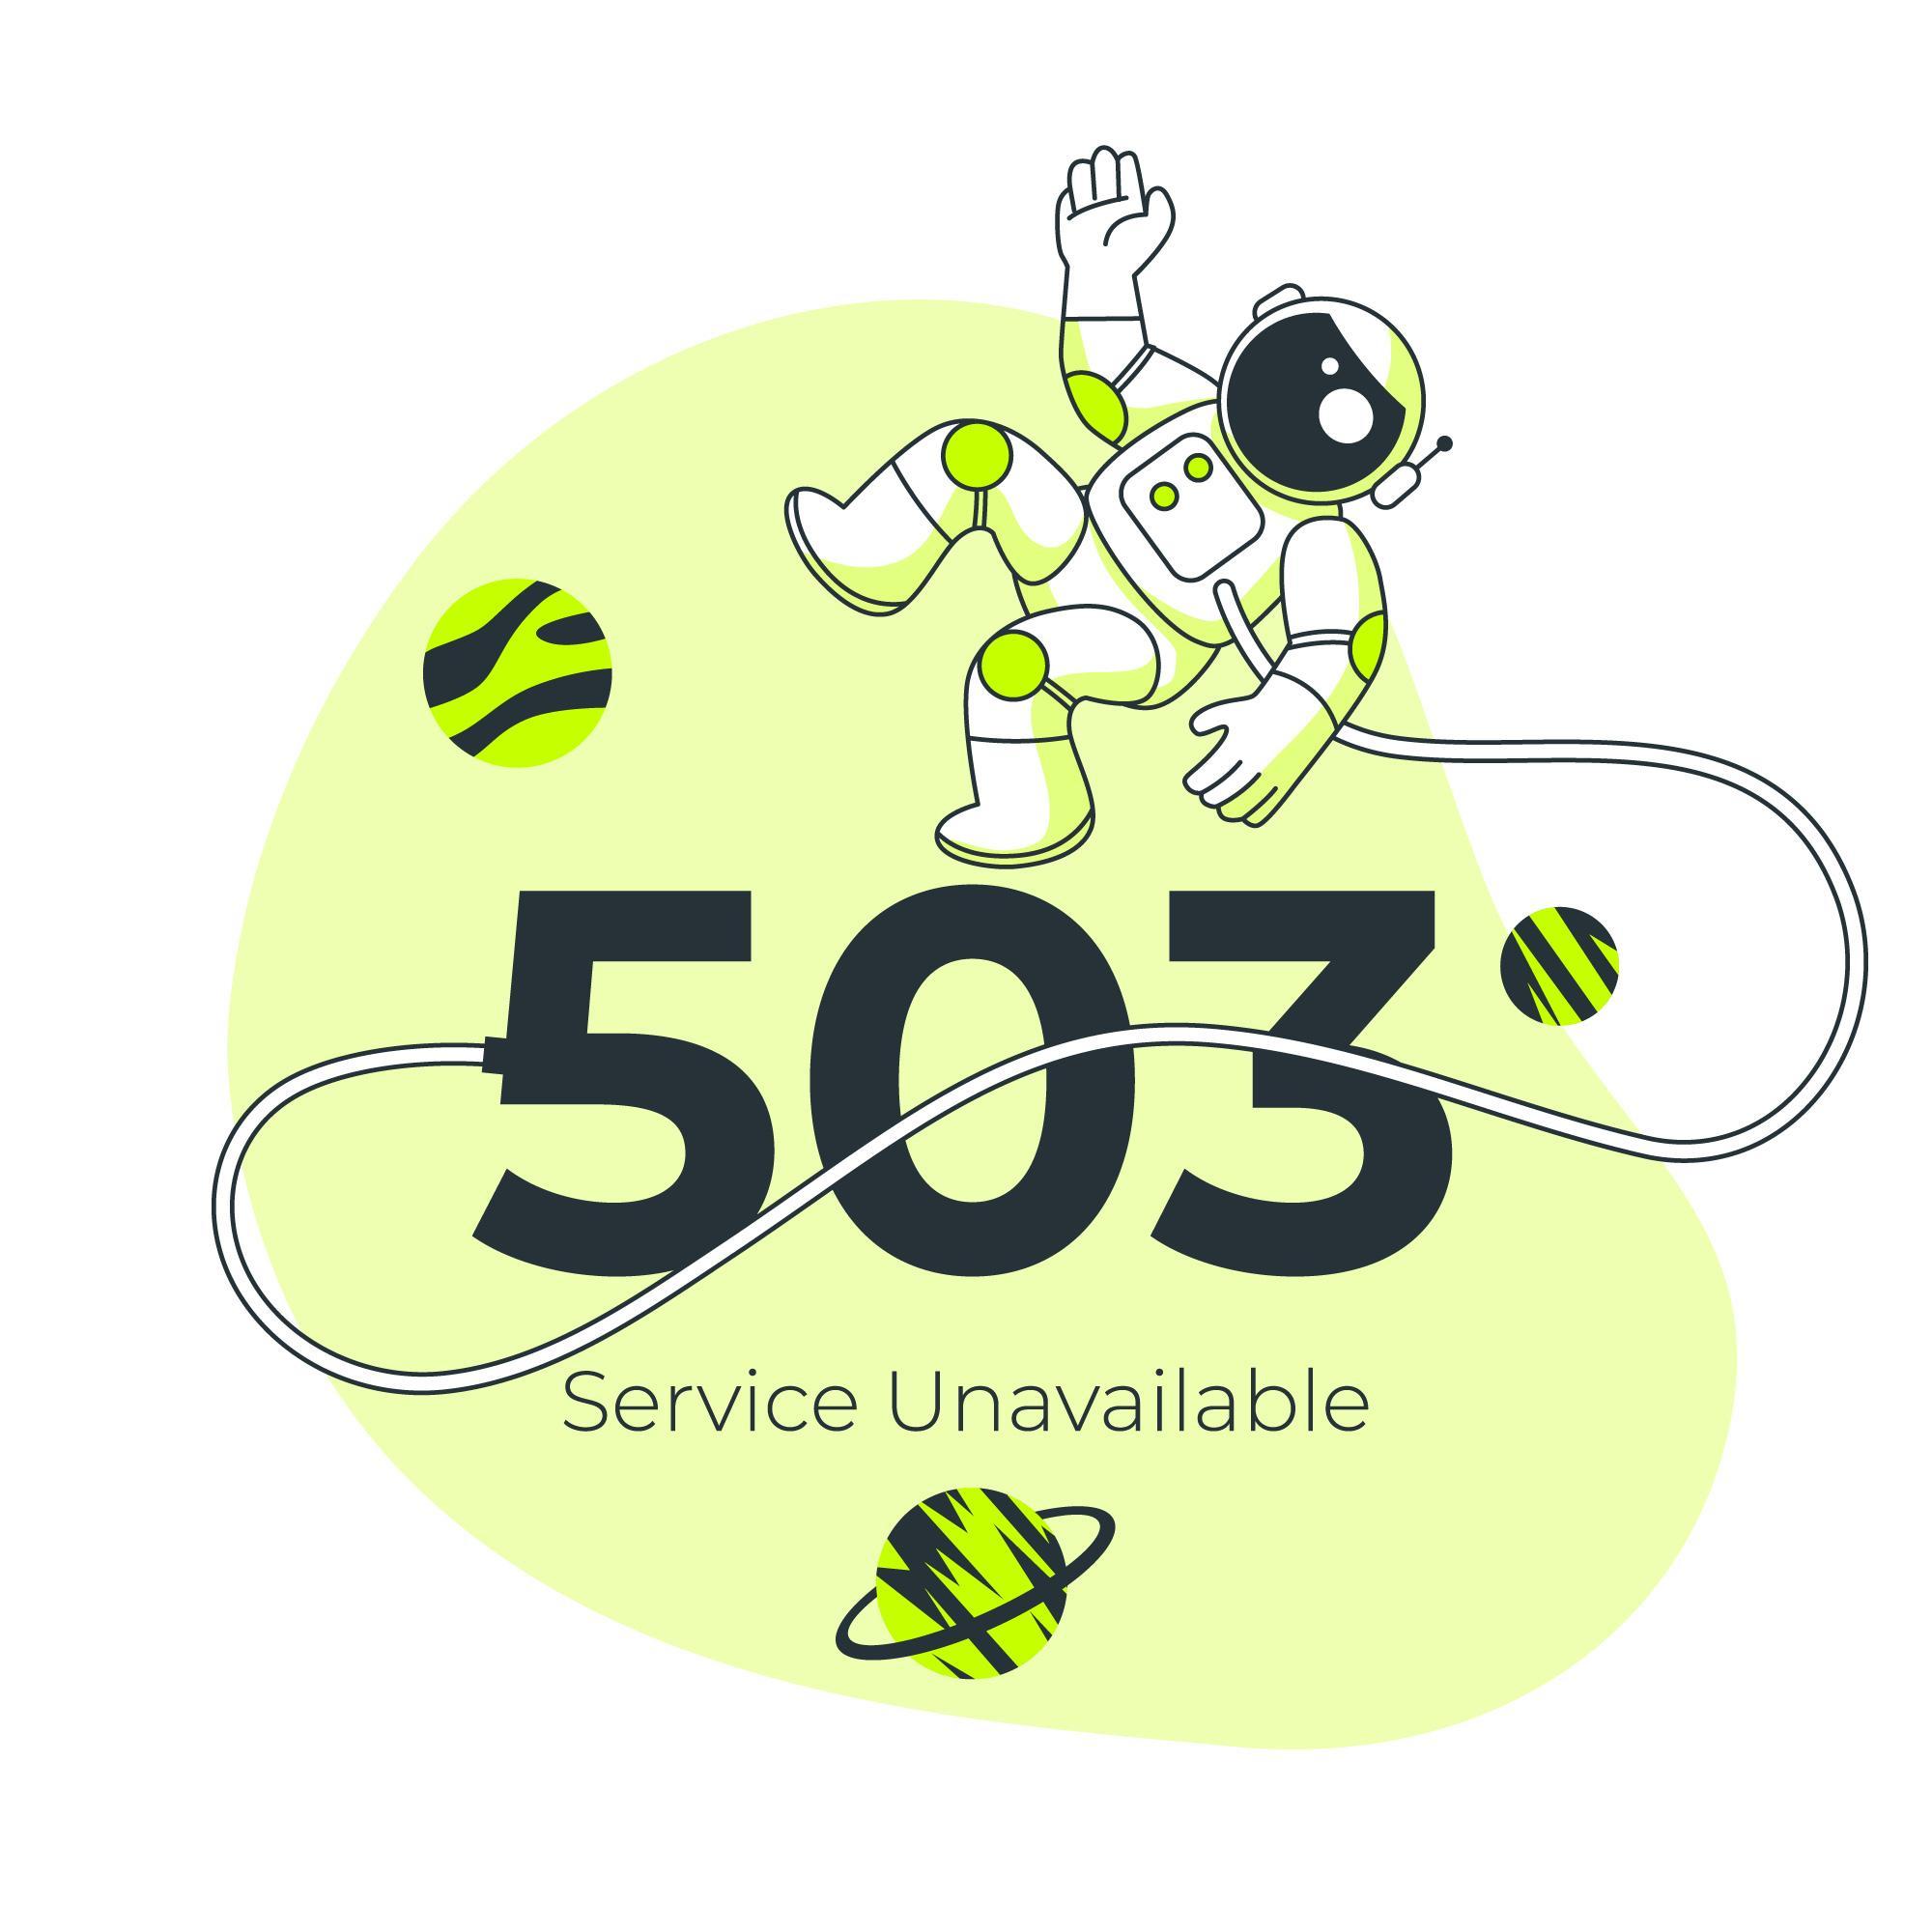 Error 503